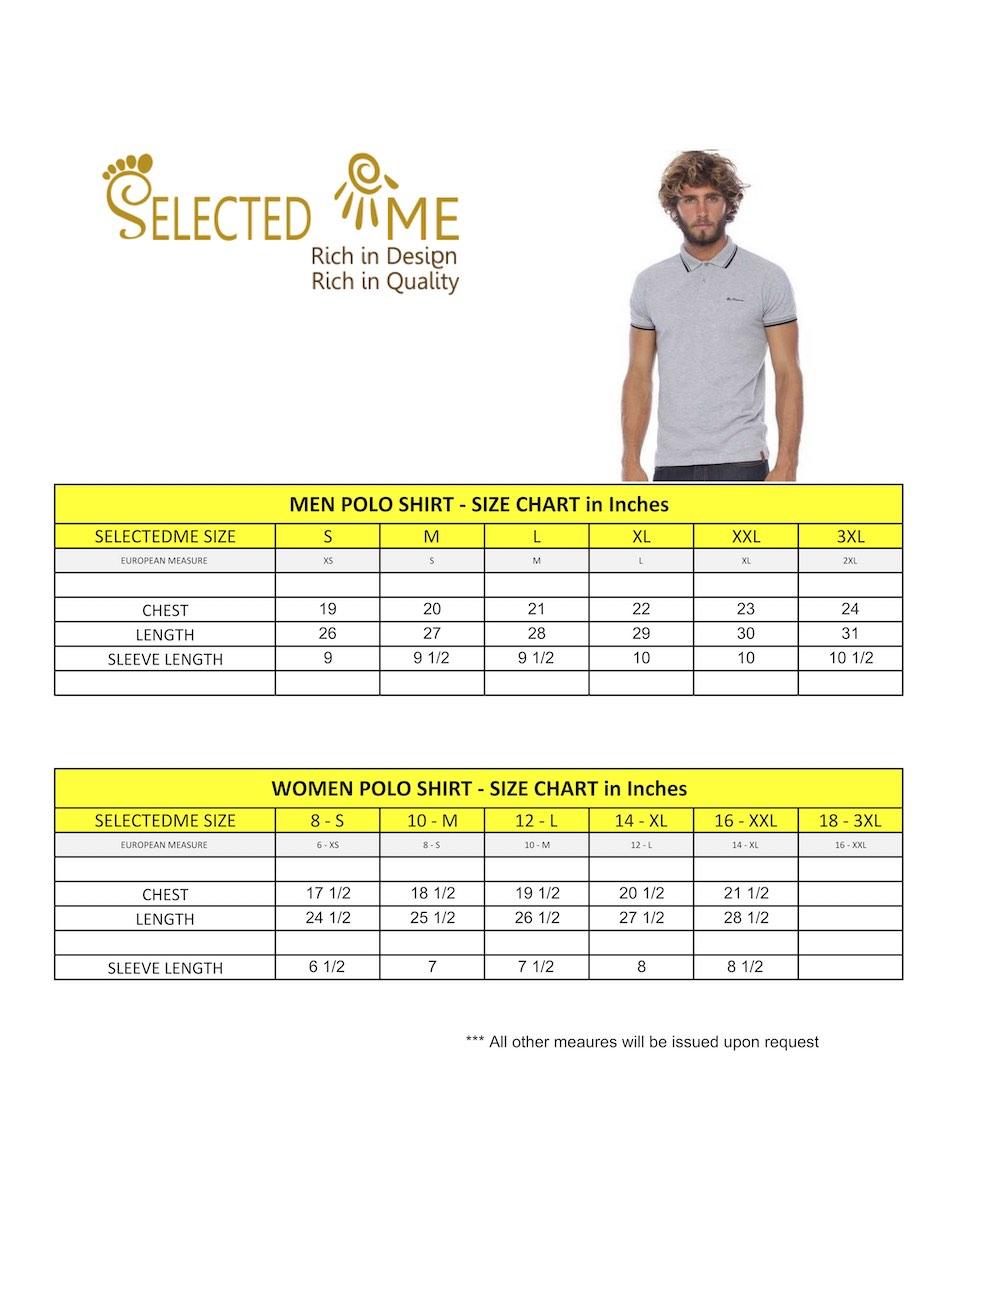 Polo shirt size Guide - Men, Women, Boys and Girls